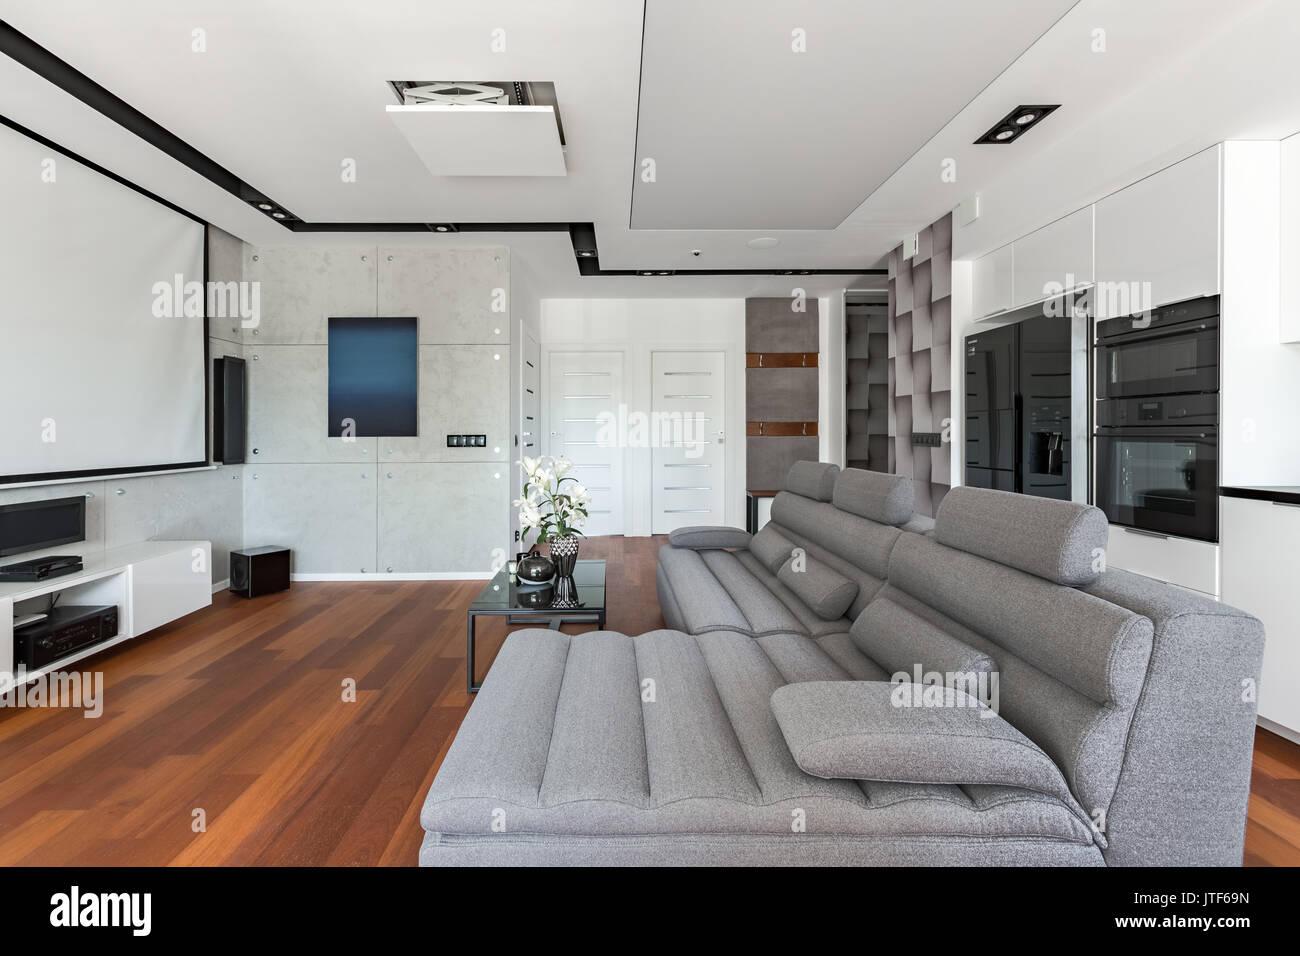 Wohnzimmer Mit Sofa Und Weiß Grau Offene Küche